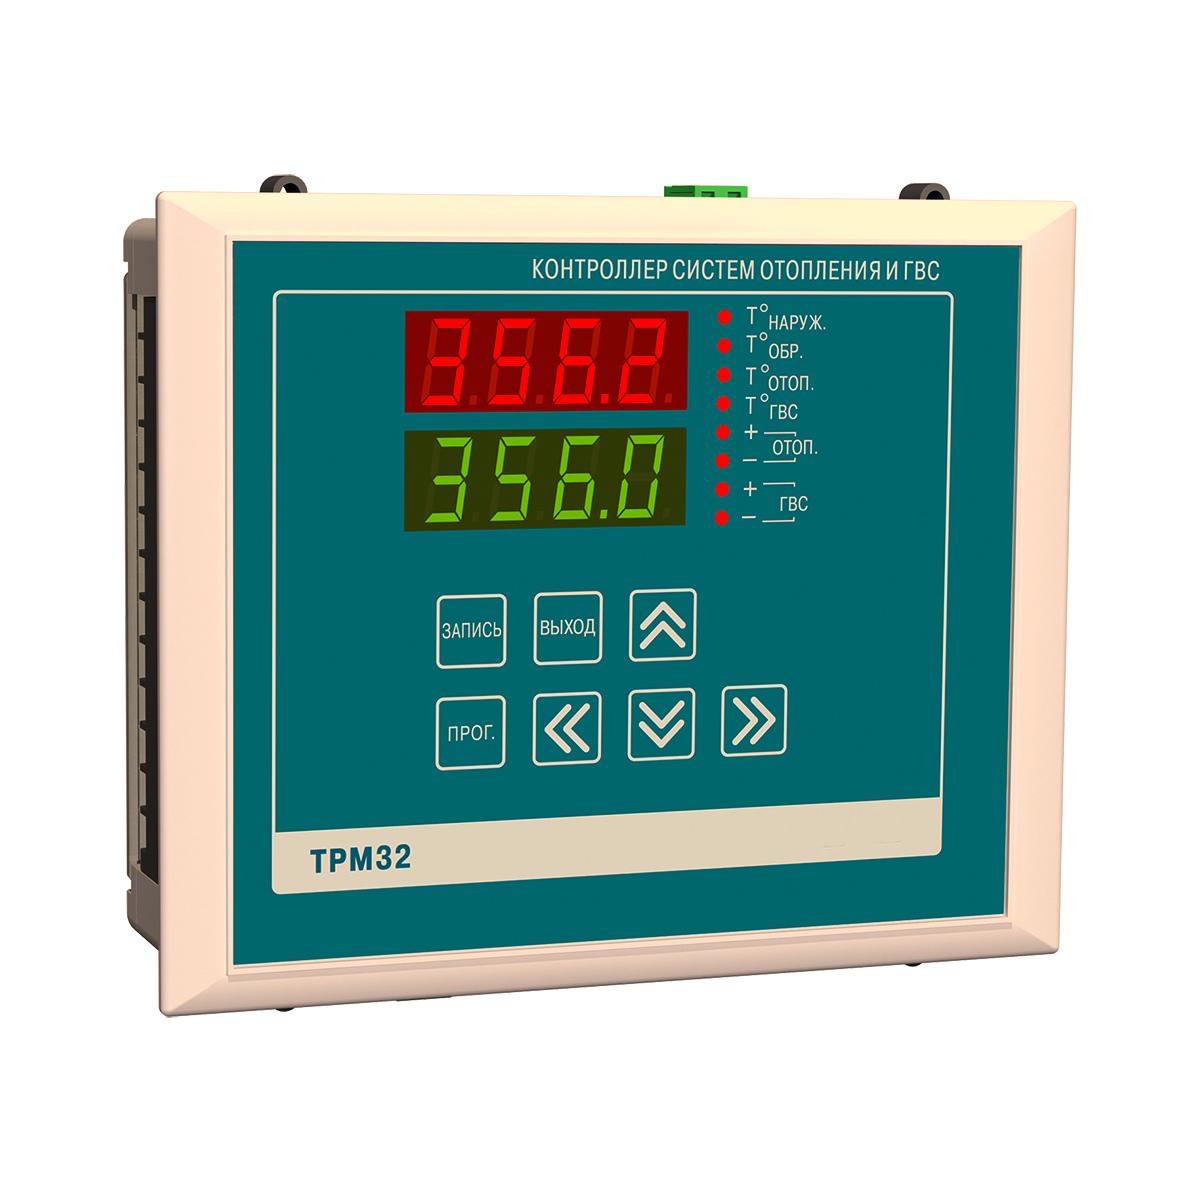 Контроллер ТРМ32 для отопления и ГВС